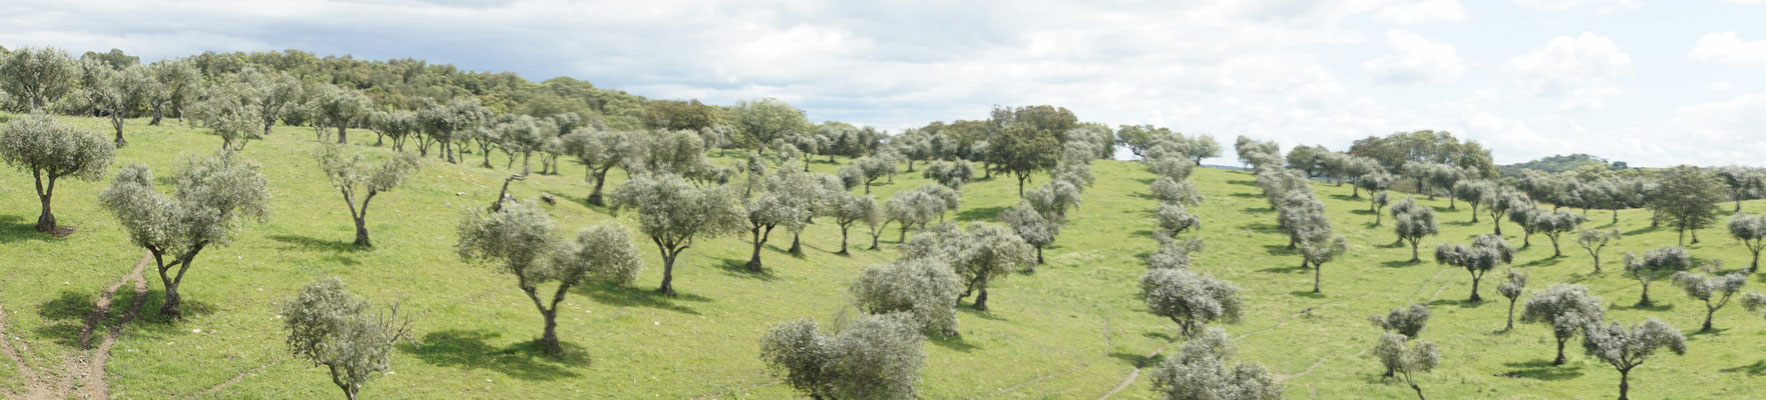 Seit vieeeeelen Jahren stehen sie da in Reih und Glied, die Olivenbäume...